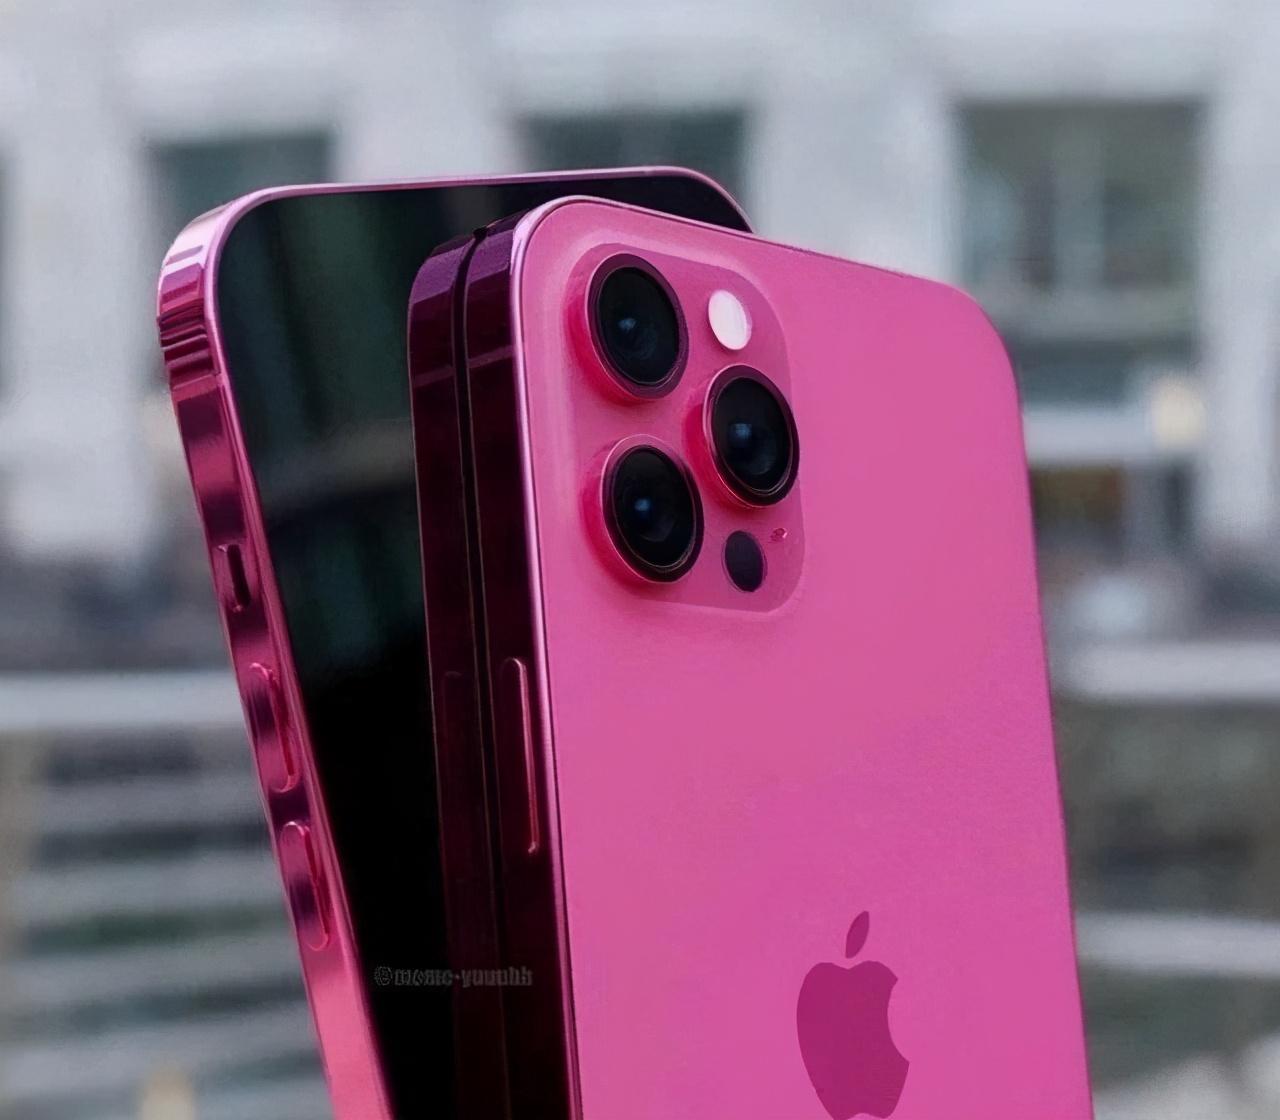 iPhone13系列配置、外觀和續航上都有提升,價格也會水漲船高嗎